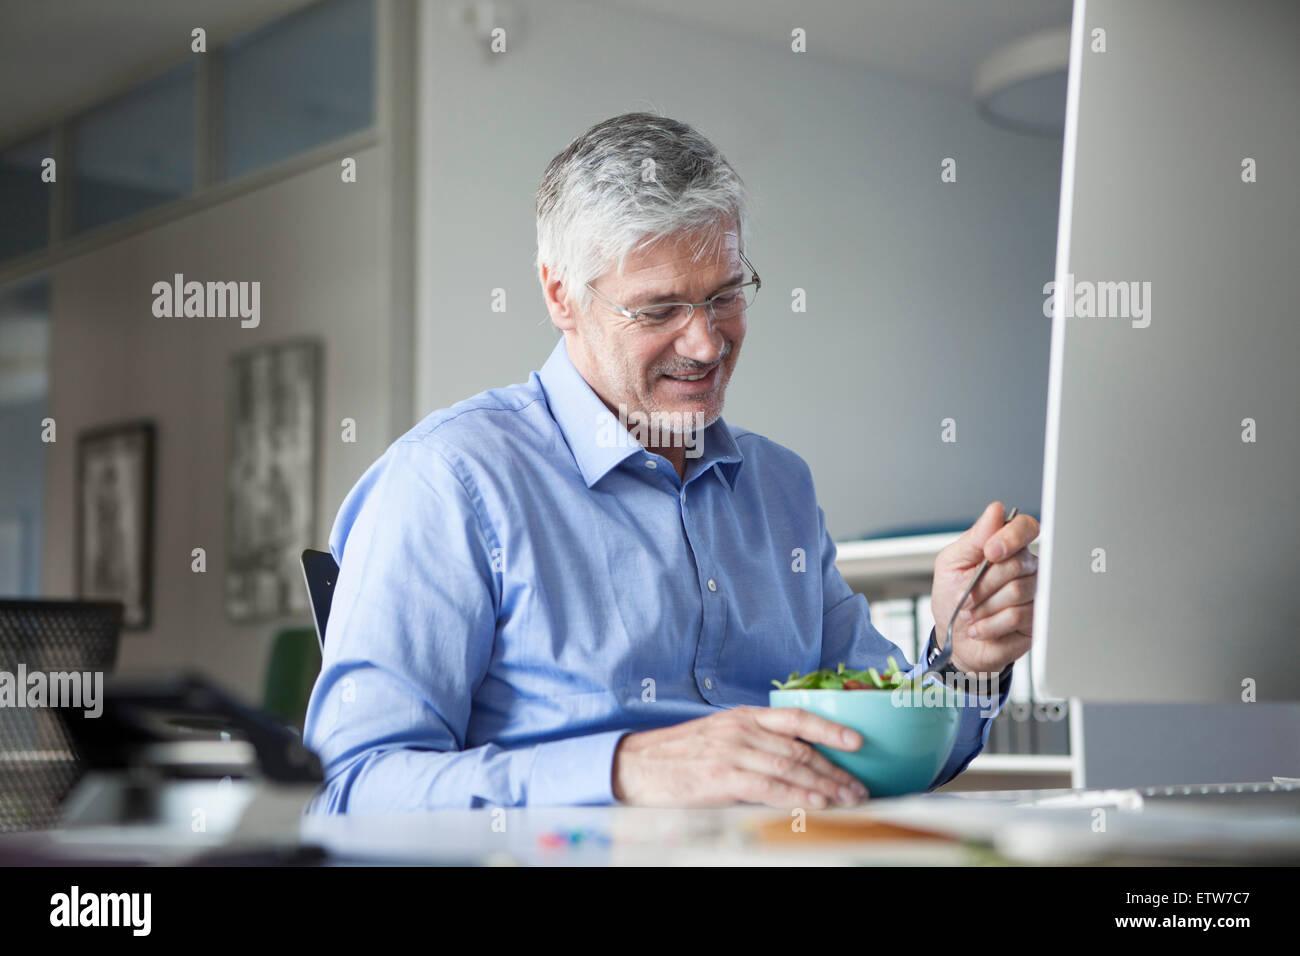 Imprenditore seduto alla scrivania, mangiare insalata Immagini Stock